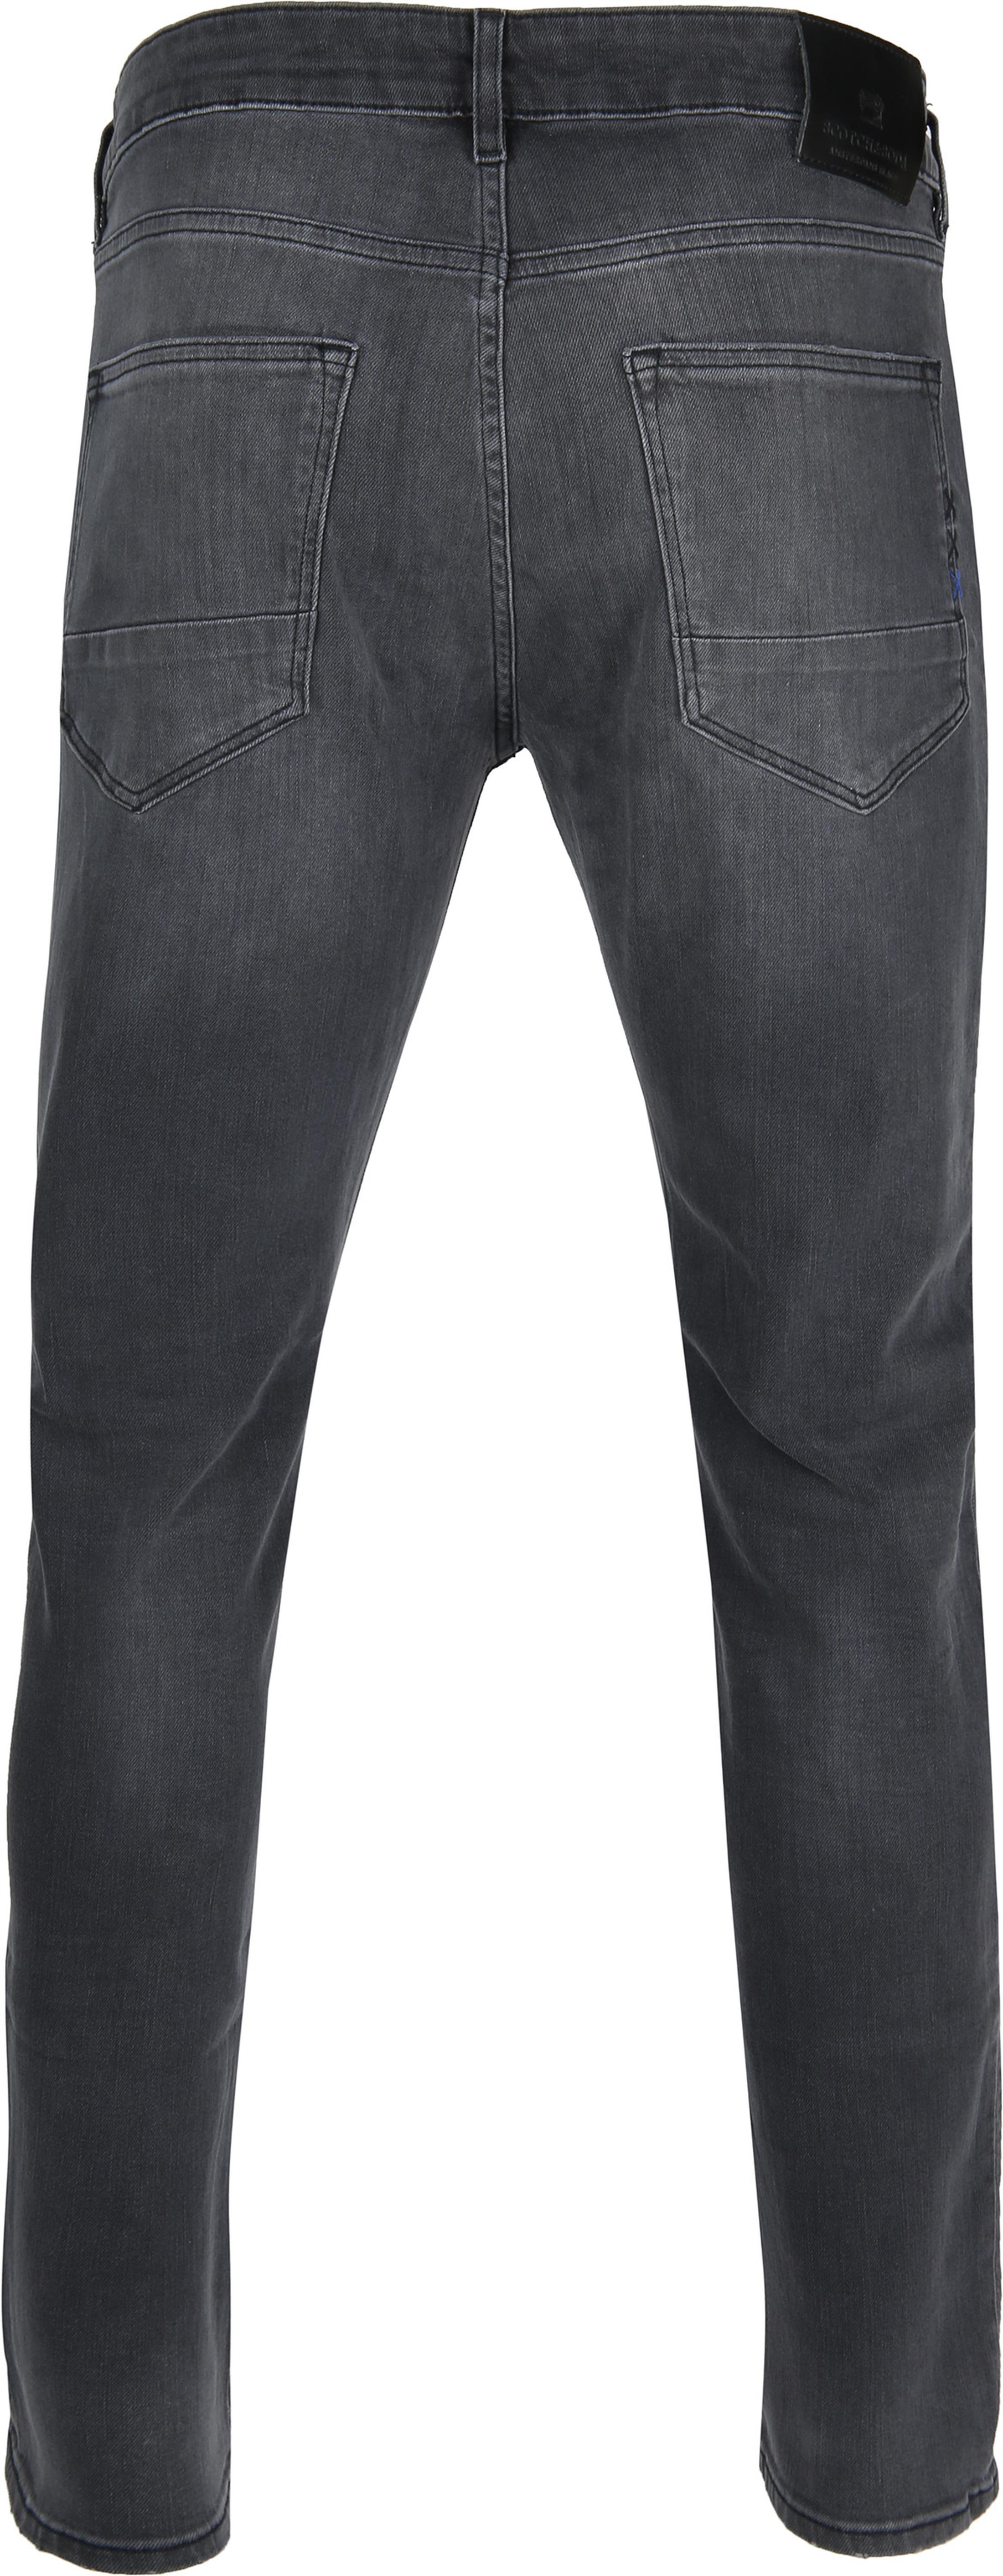 Scotch and Soda Skim Jeans Zwart